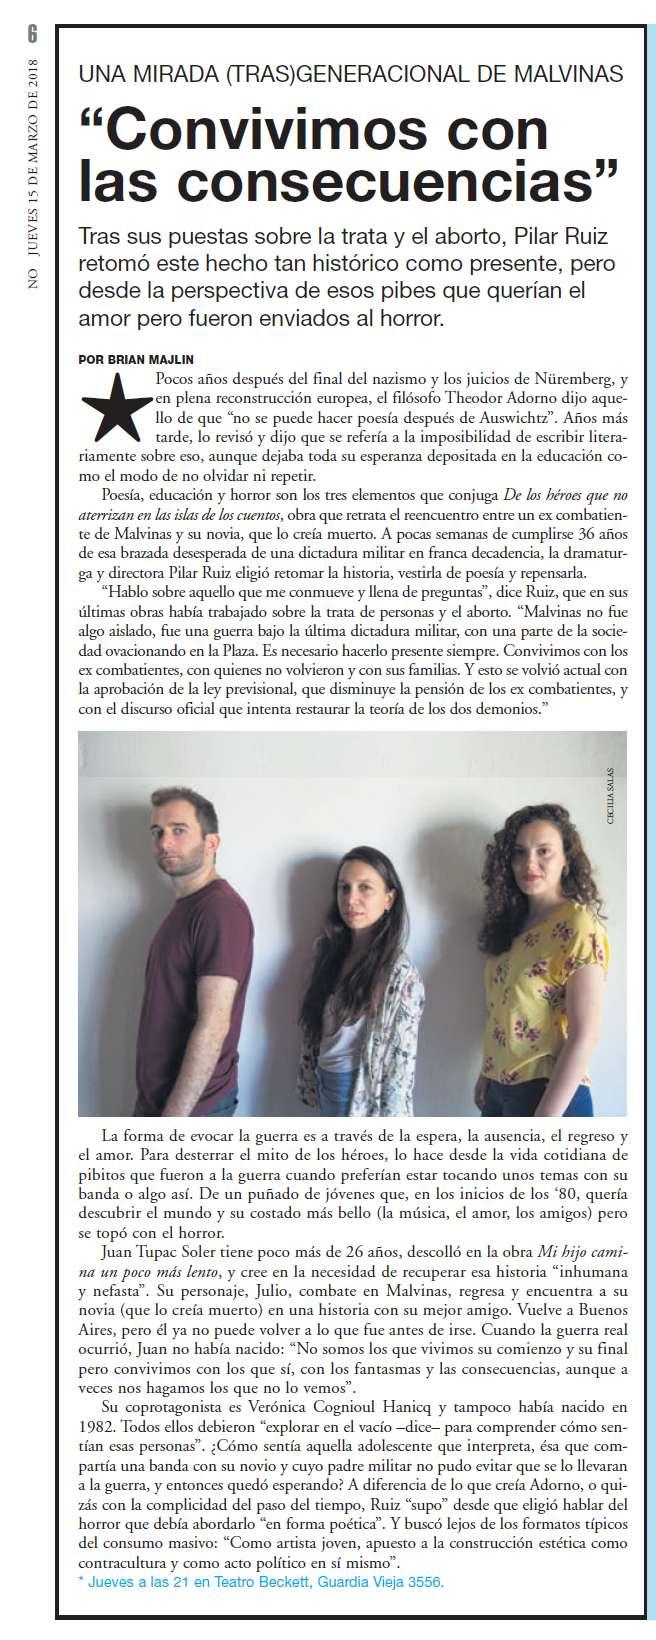 PAGINA 12. Suplemento No